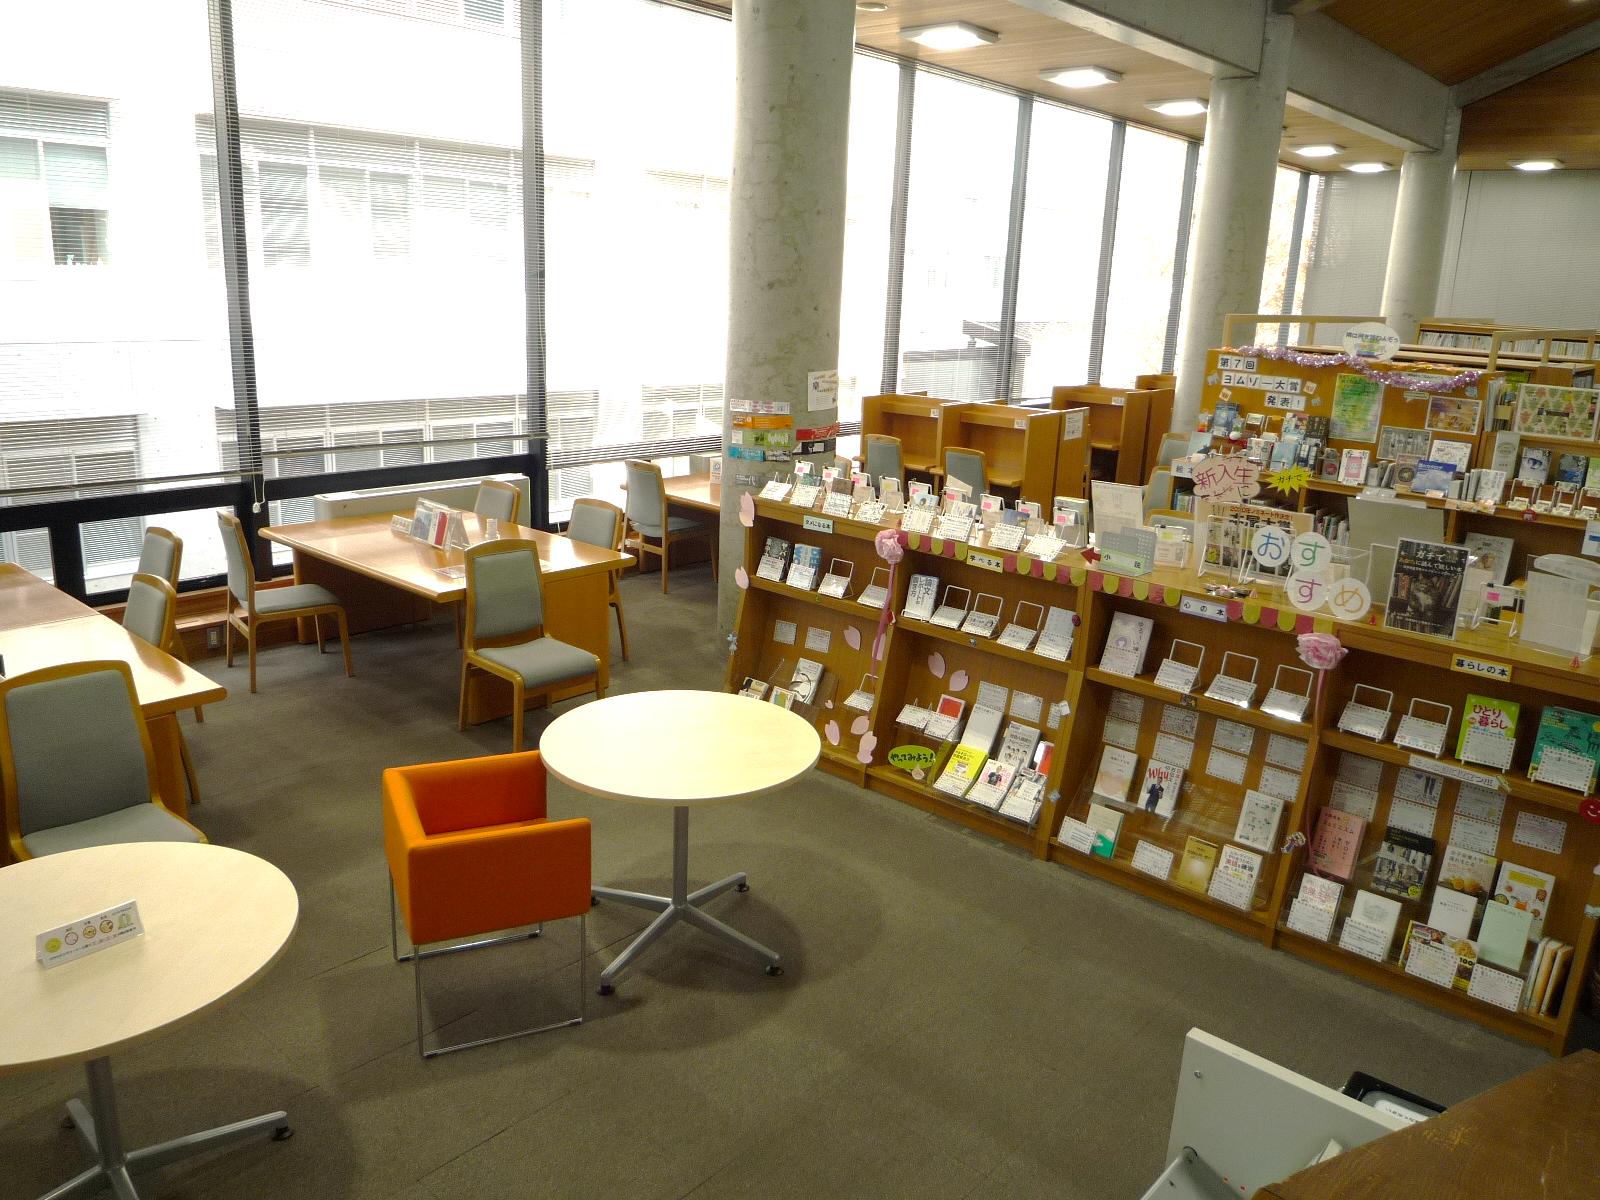 松本大学図書館 | 文化施設情報 | 長野県のアートイベント情報発信 ...